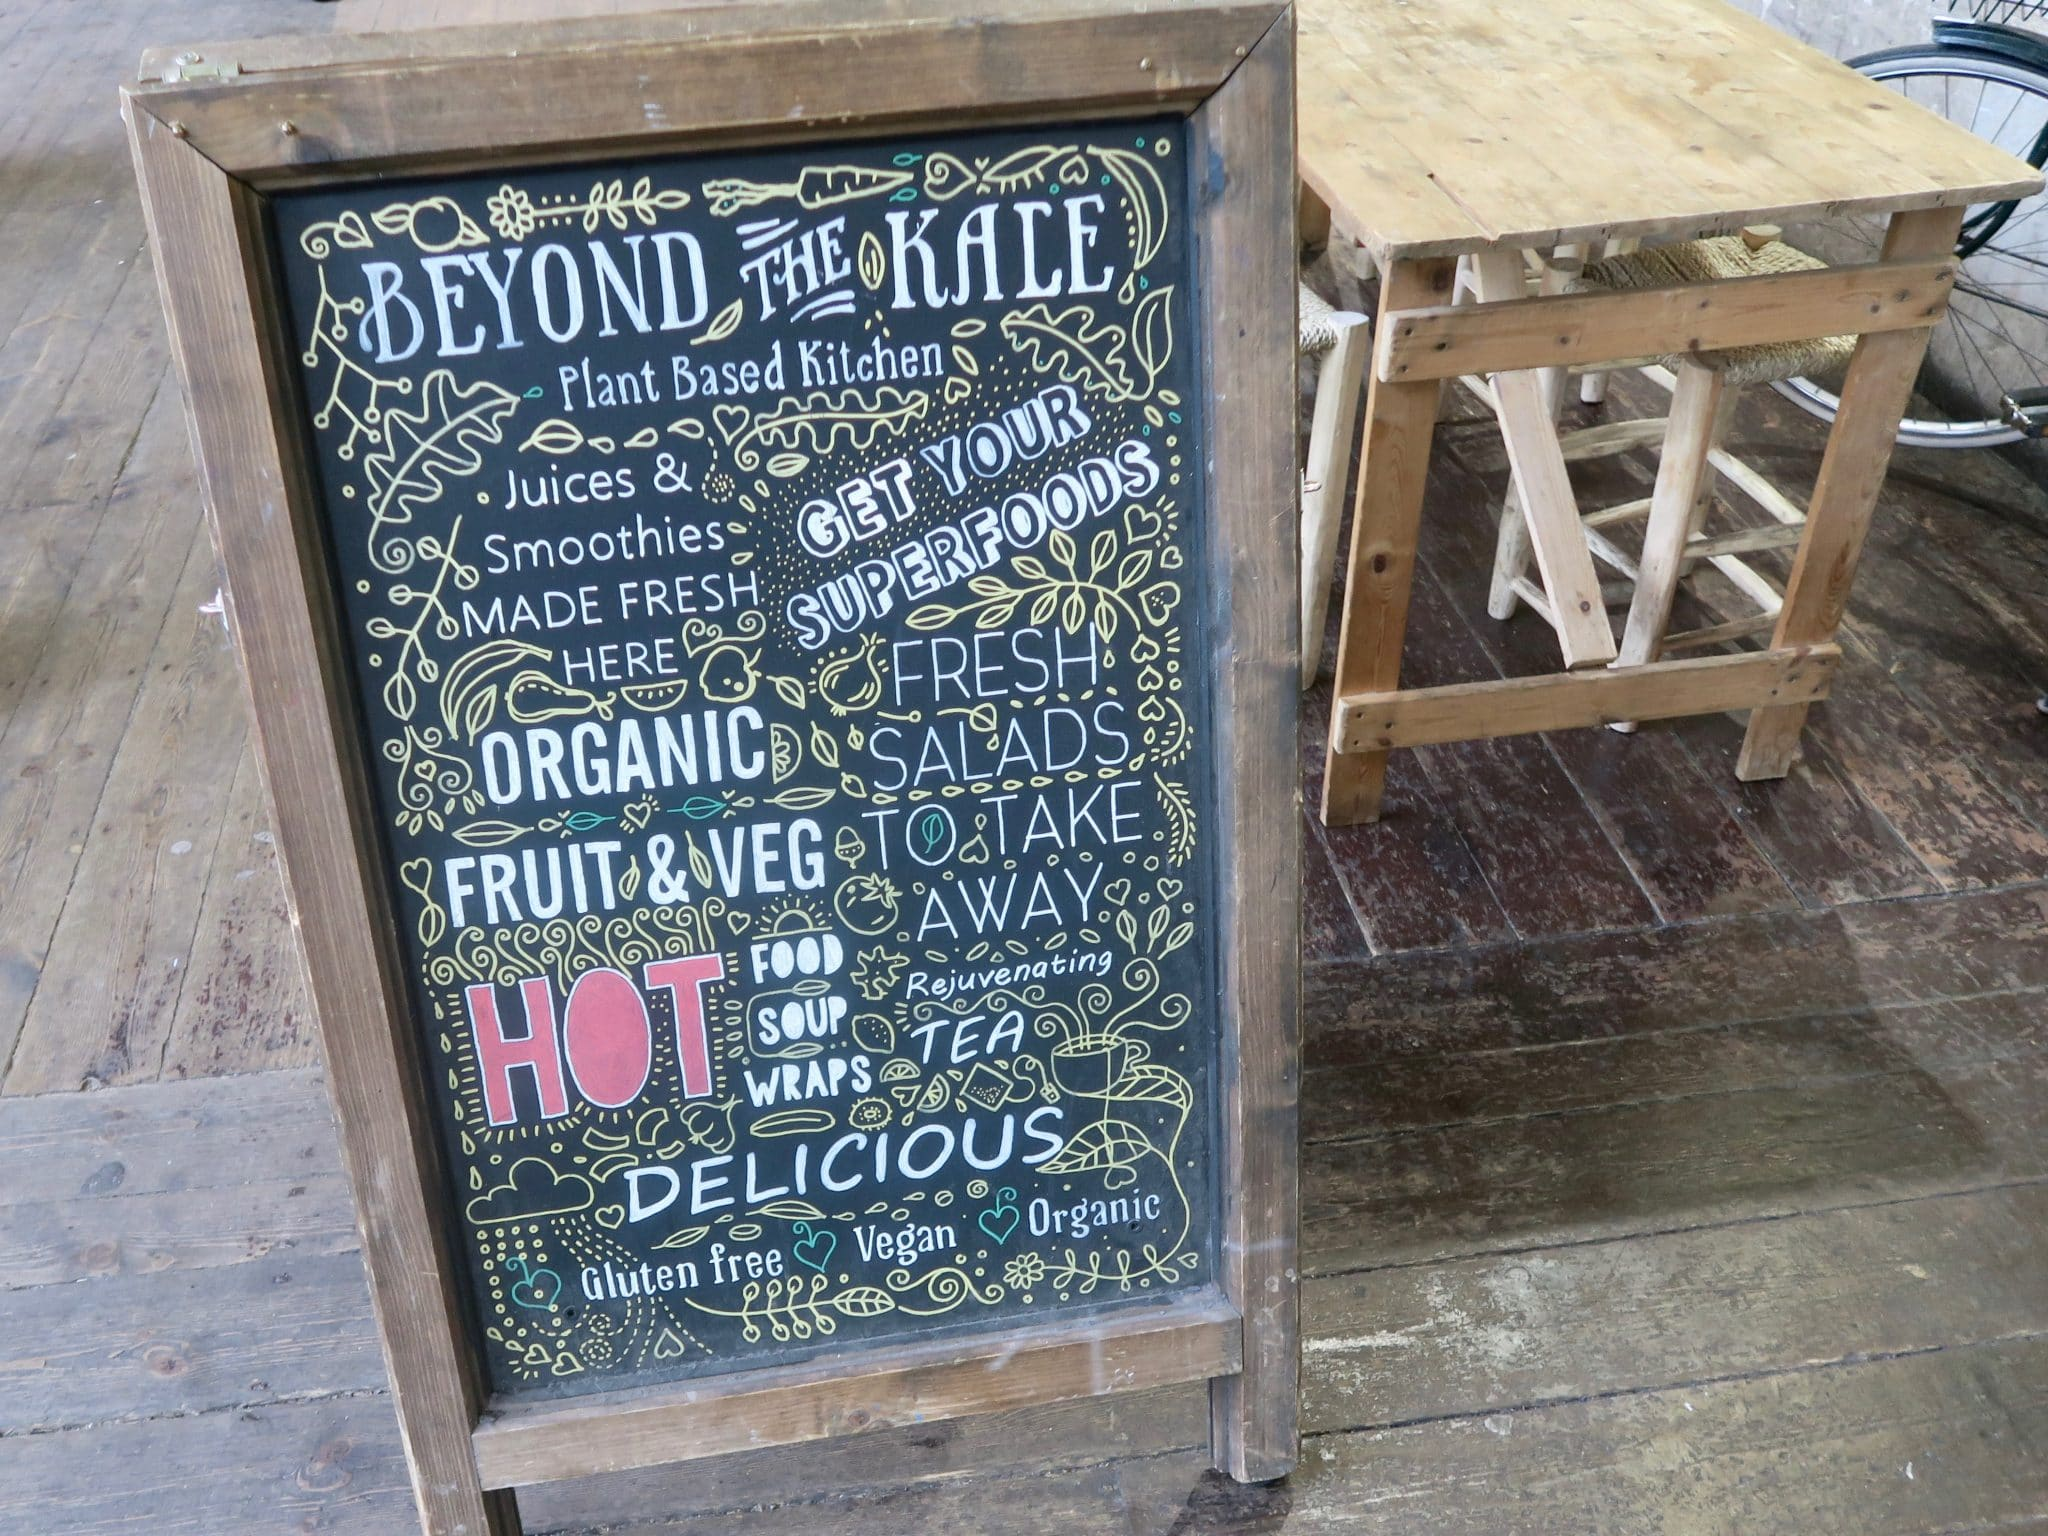 Beyond The Kale Bath review